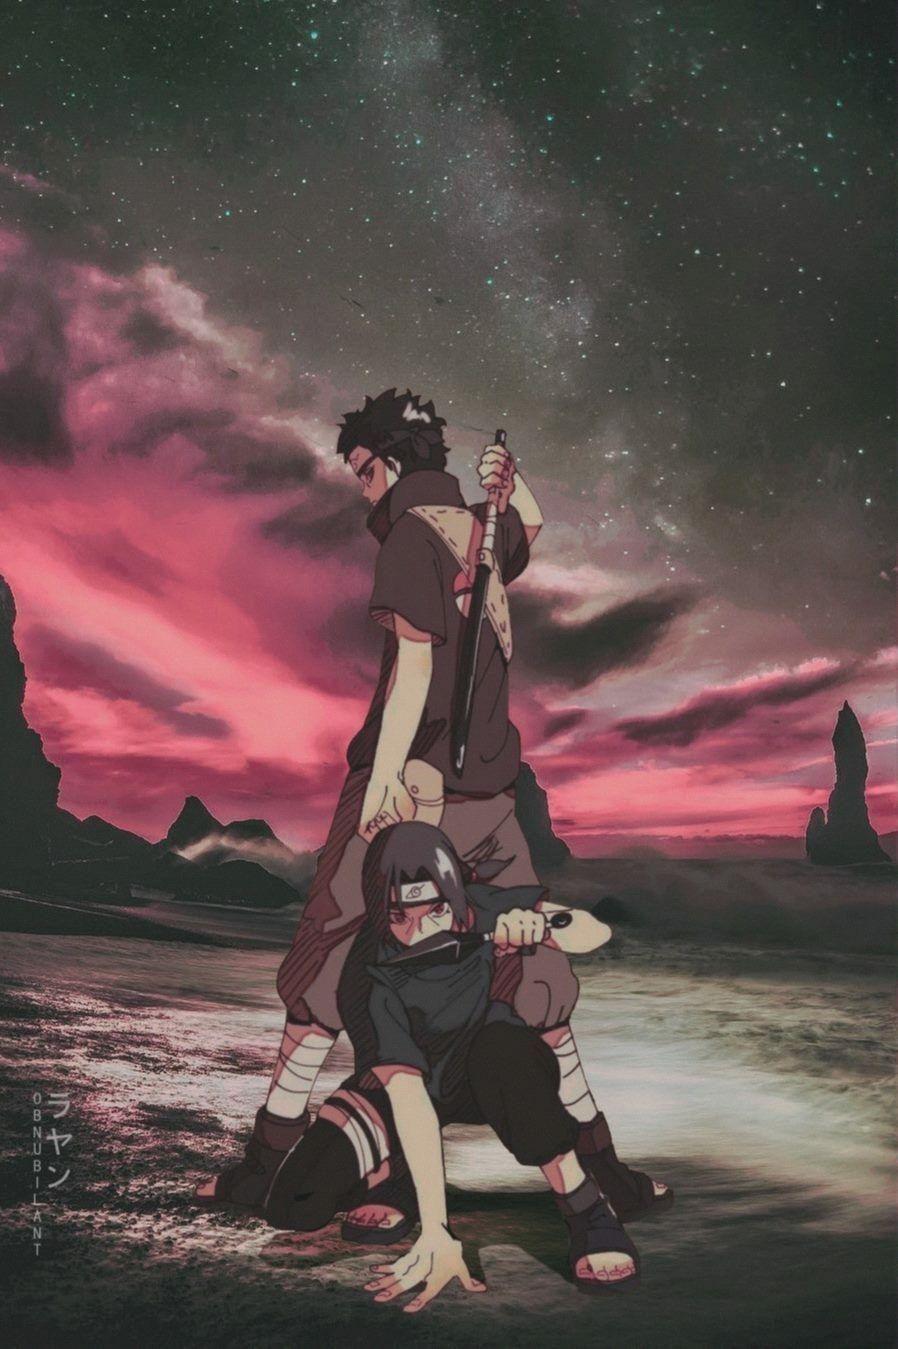 Uchiha Itachi Wallpaper // Anime aesthetic Wallpaper // Anime Phone Wallpaper anime art, anime icons